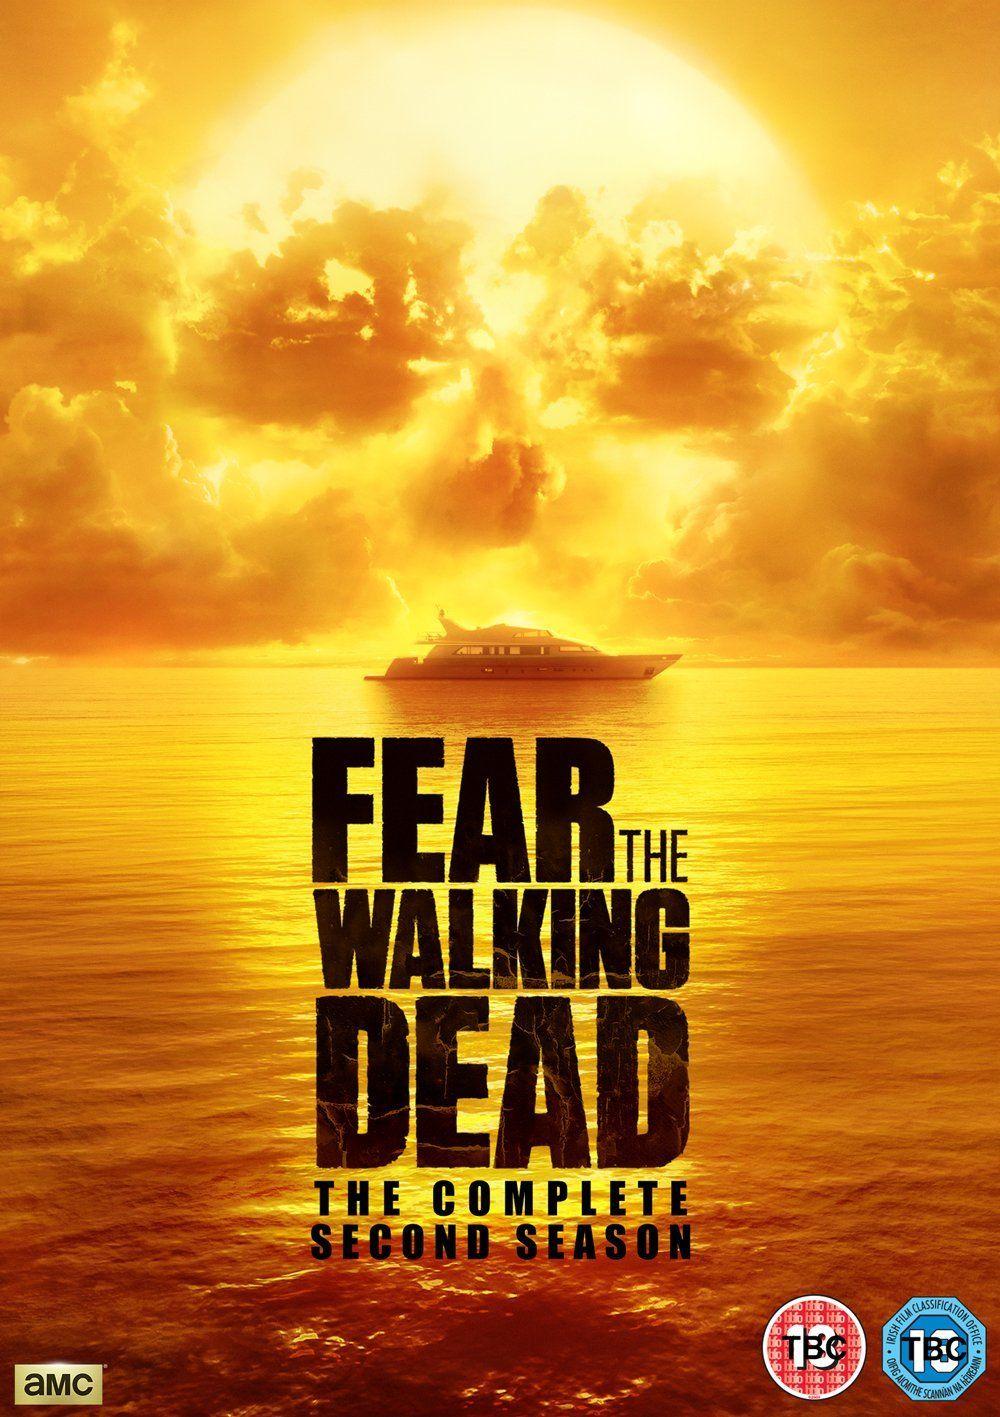 Fear The Walking Dead Saison 2 en streaming VF et VOSTFR